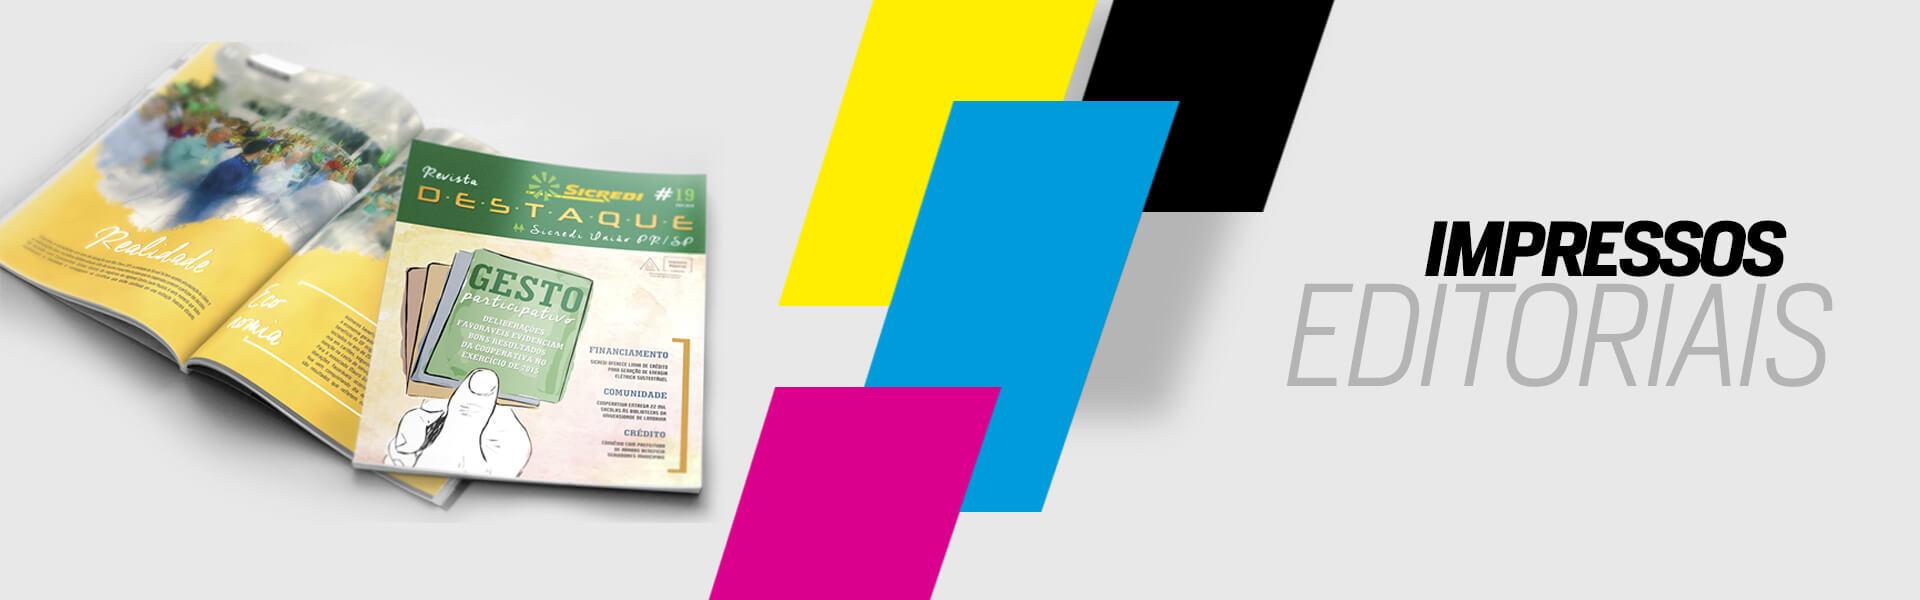 Impressos Editoriais | Caiuás Gráfica e Editora